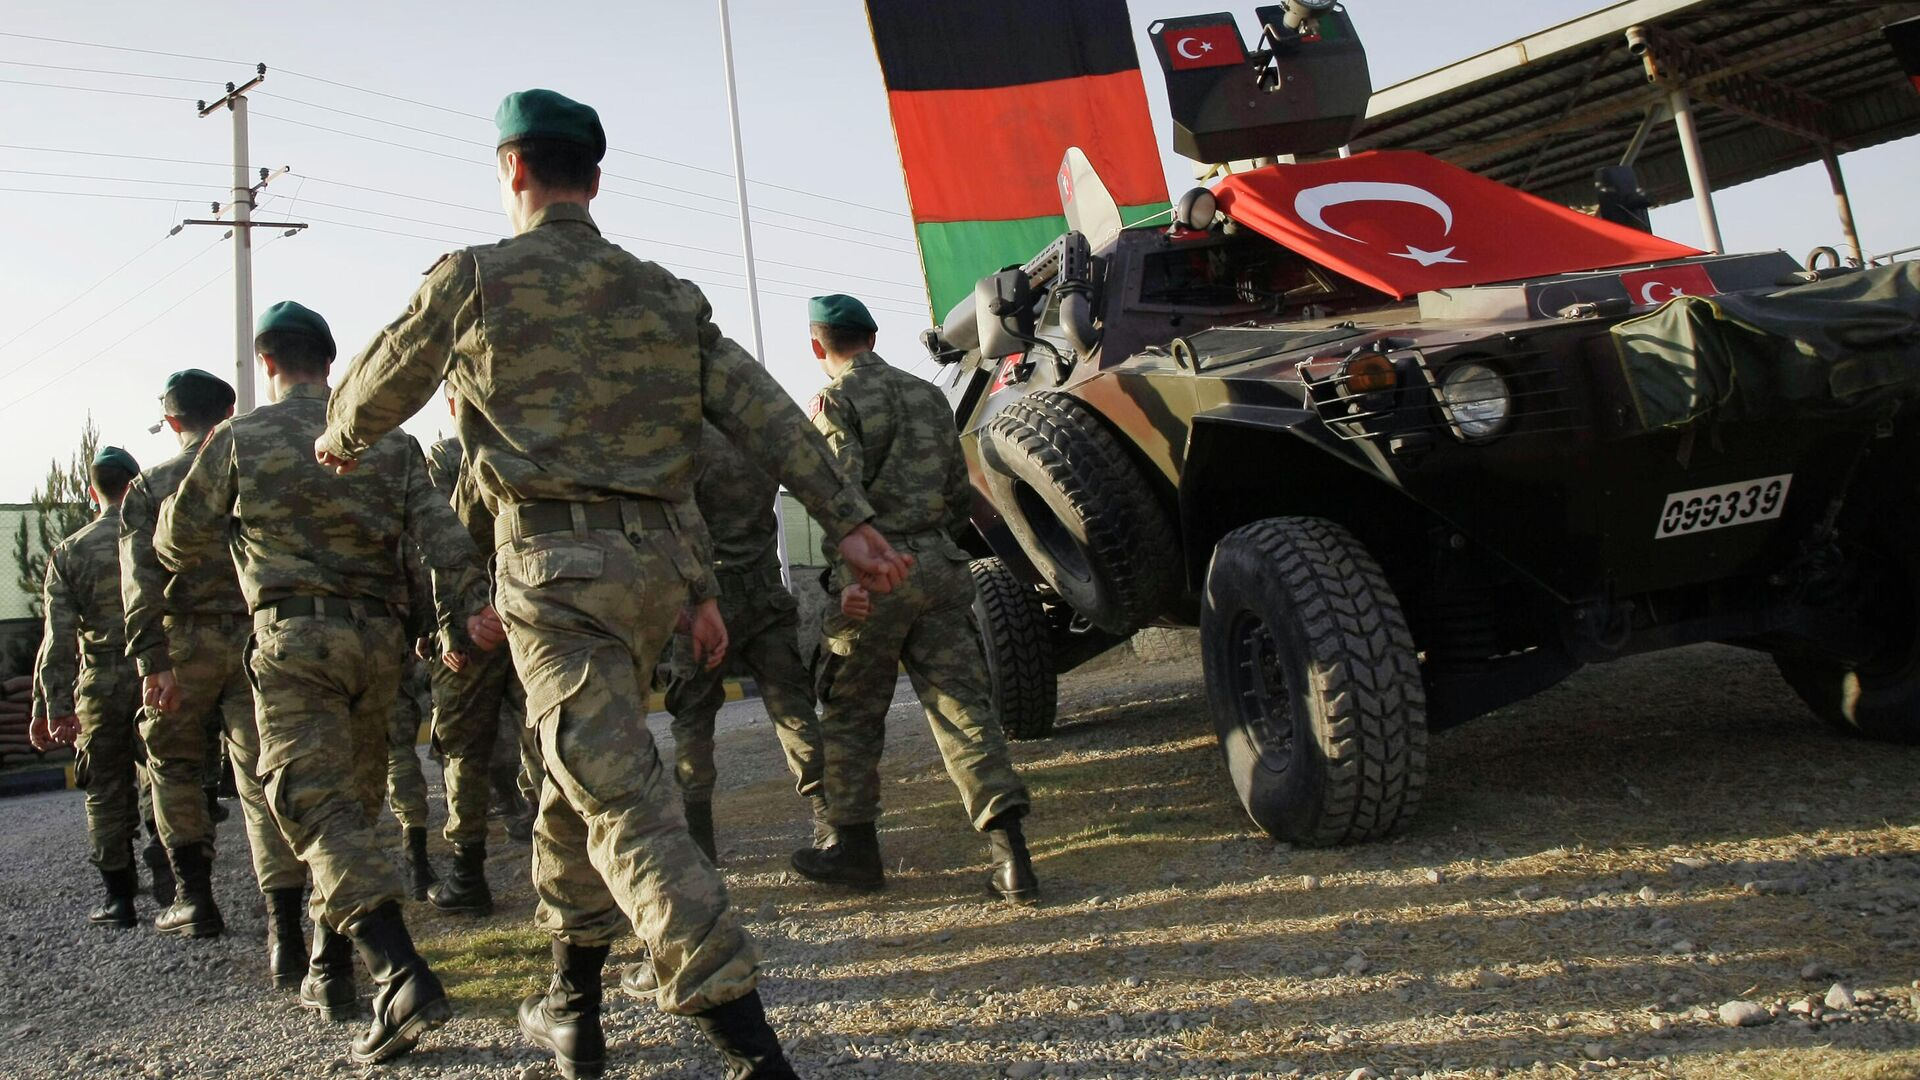 Soldados turcos en el campamento de la OTAN  Dogan en Kabul, Afganistán, octubre de 2012. - Sputnik Mundo, 1920, 13.07.2021